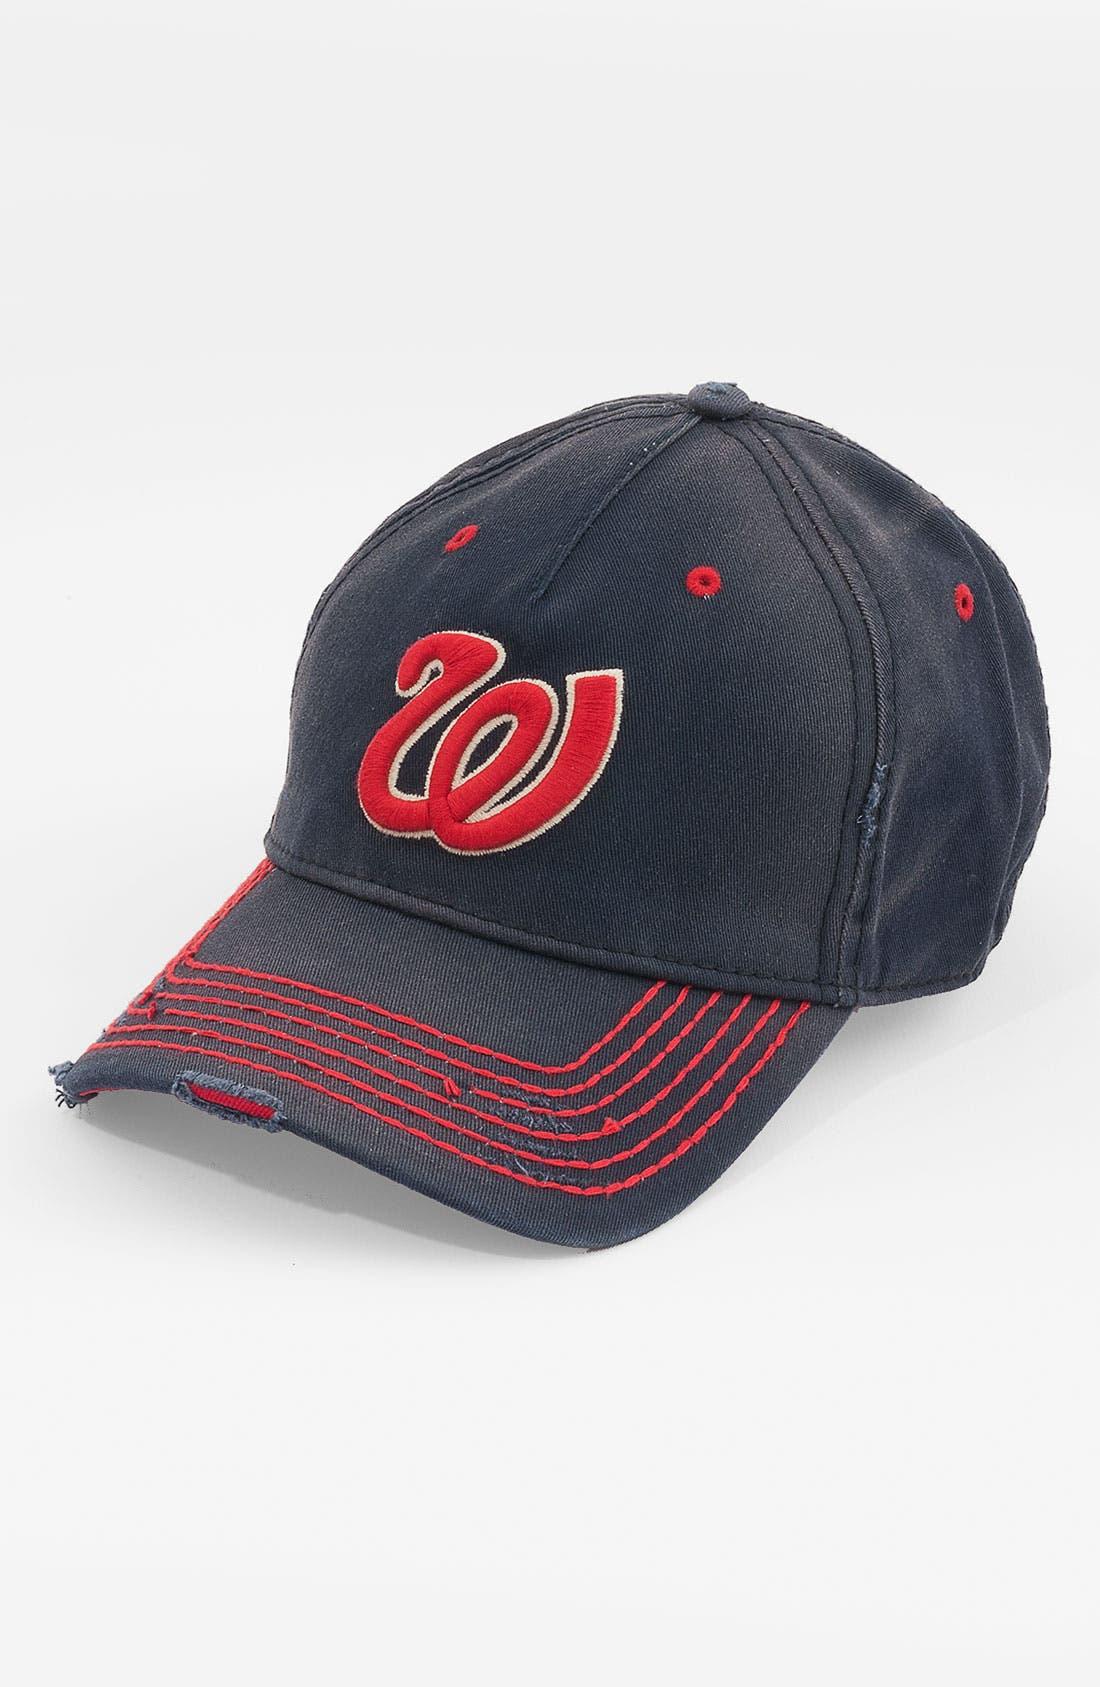 Alternate Image 1 Selected - American Needle 'Washington Senators' Baseball Cap